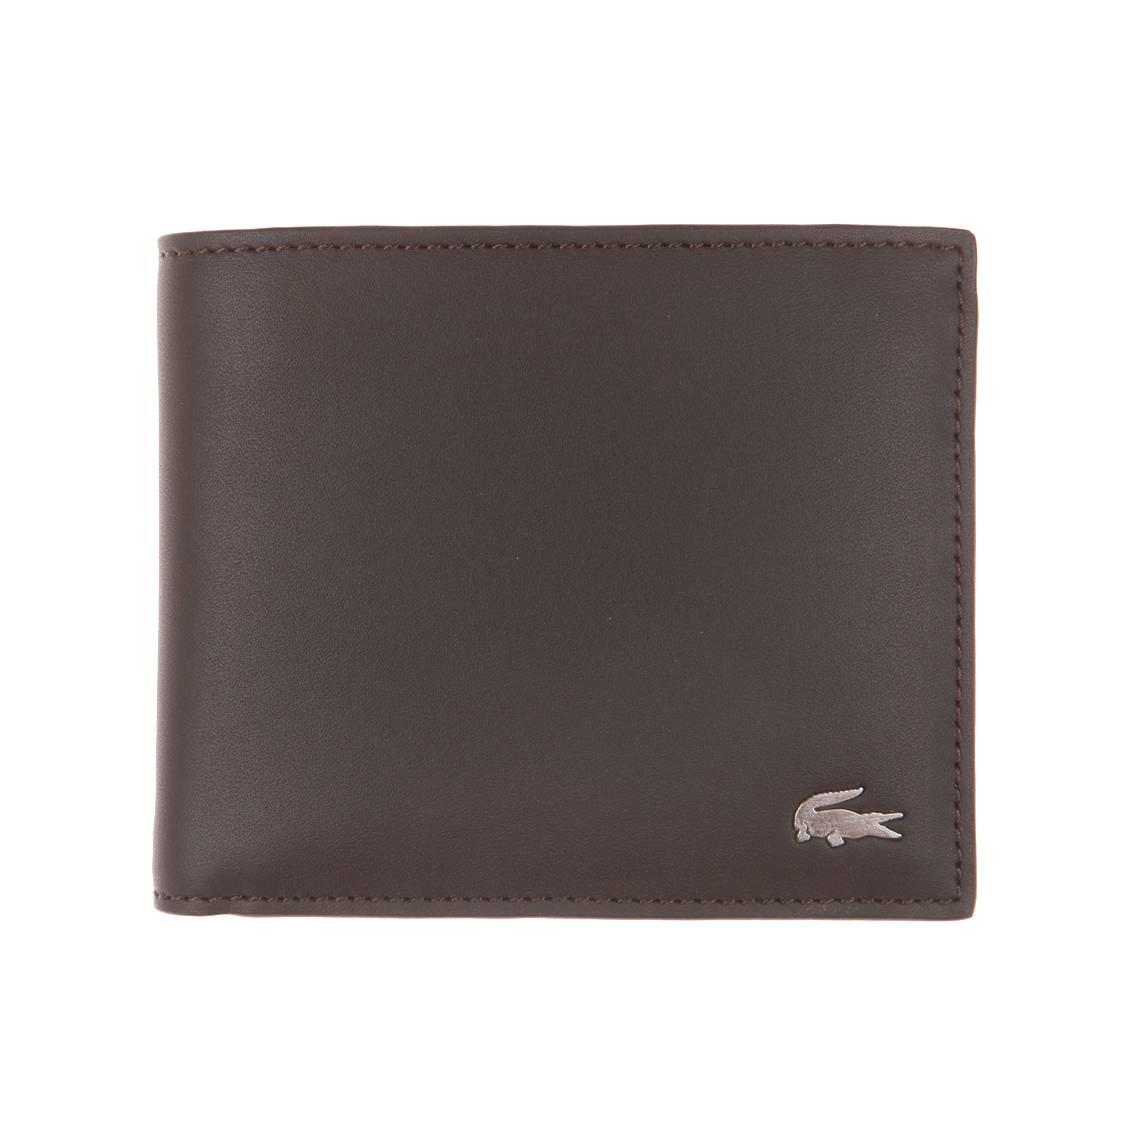 fc056a934362 Portefeuille Lacoste en cuir marron foncé à porte-monnaie   Rue Des ...